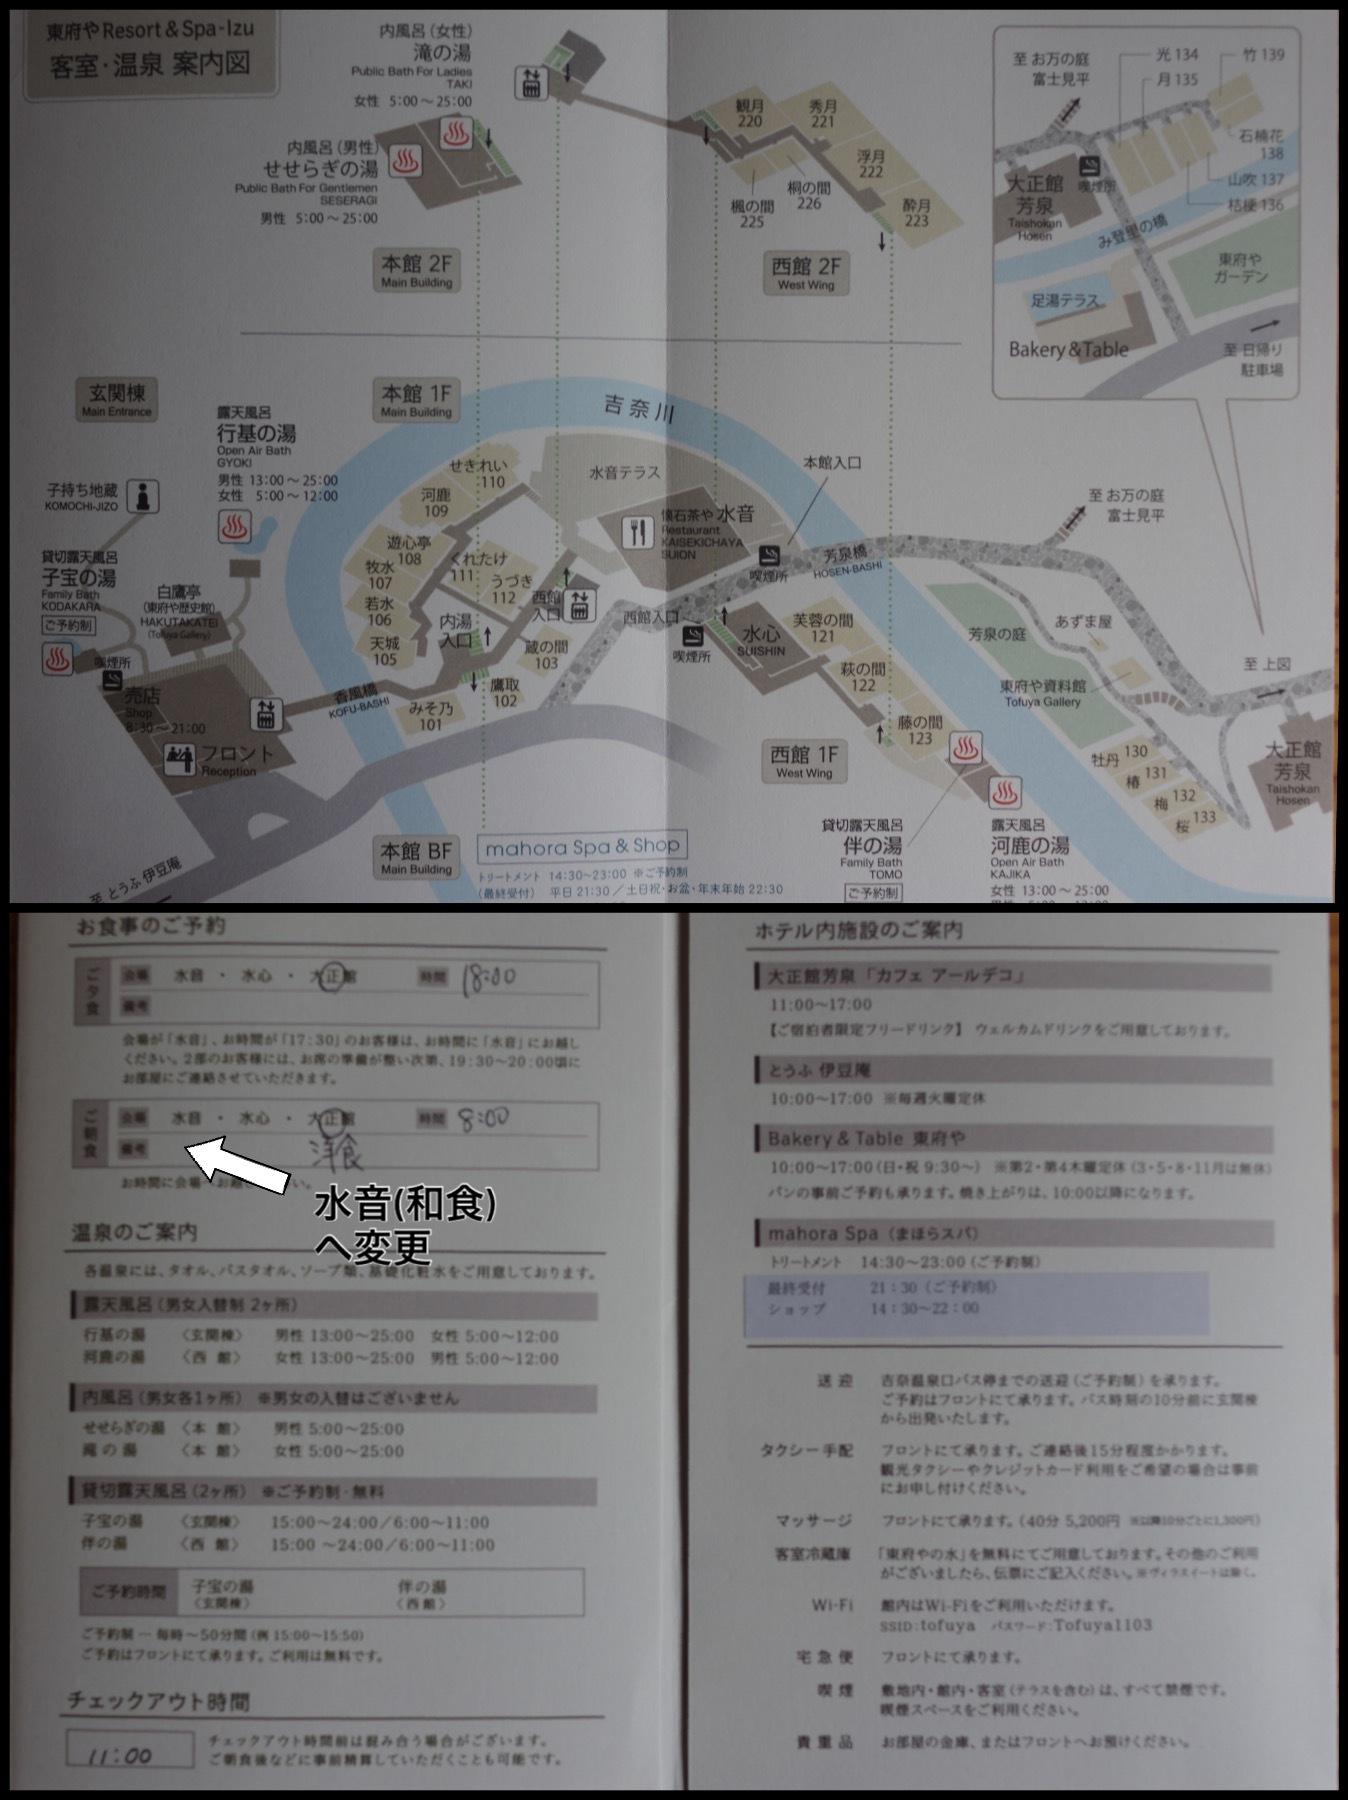 東府やResort &Spa Izu 館内マップ 説明書